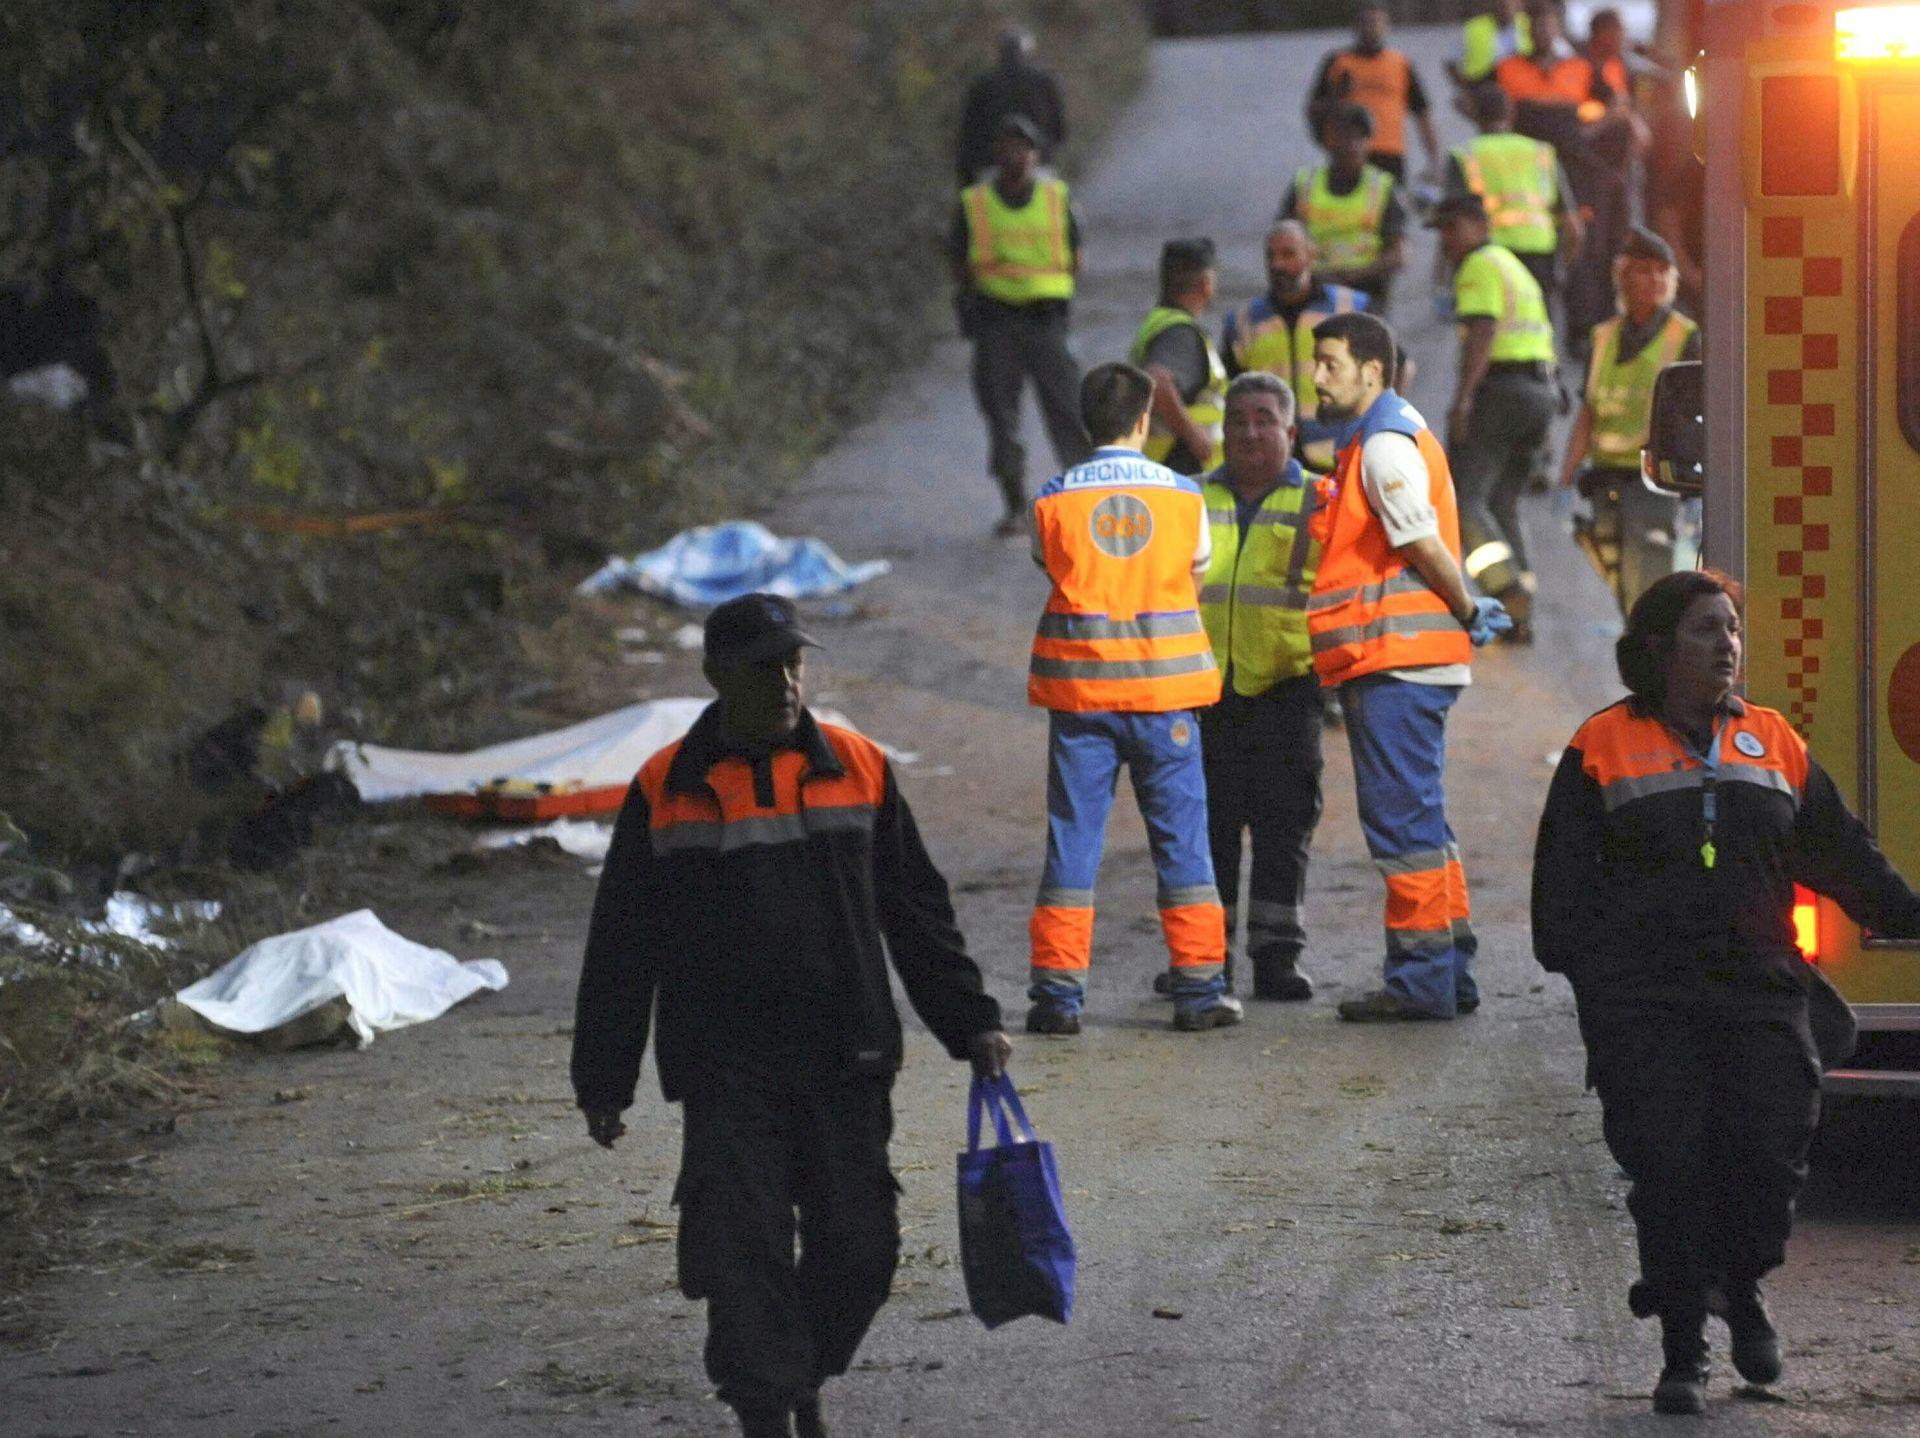 POKOSIO IH AUTOMOBIL Reli u La Coruni odnio najmanje 6 života